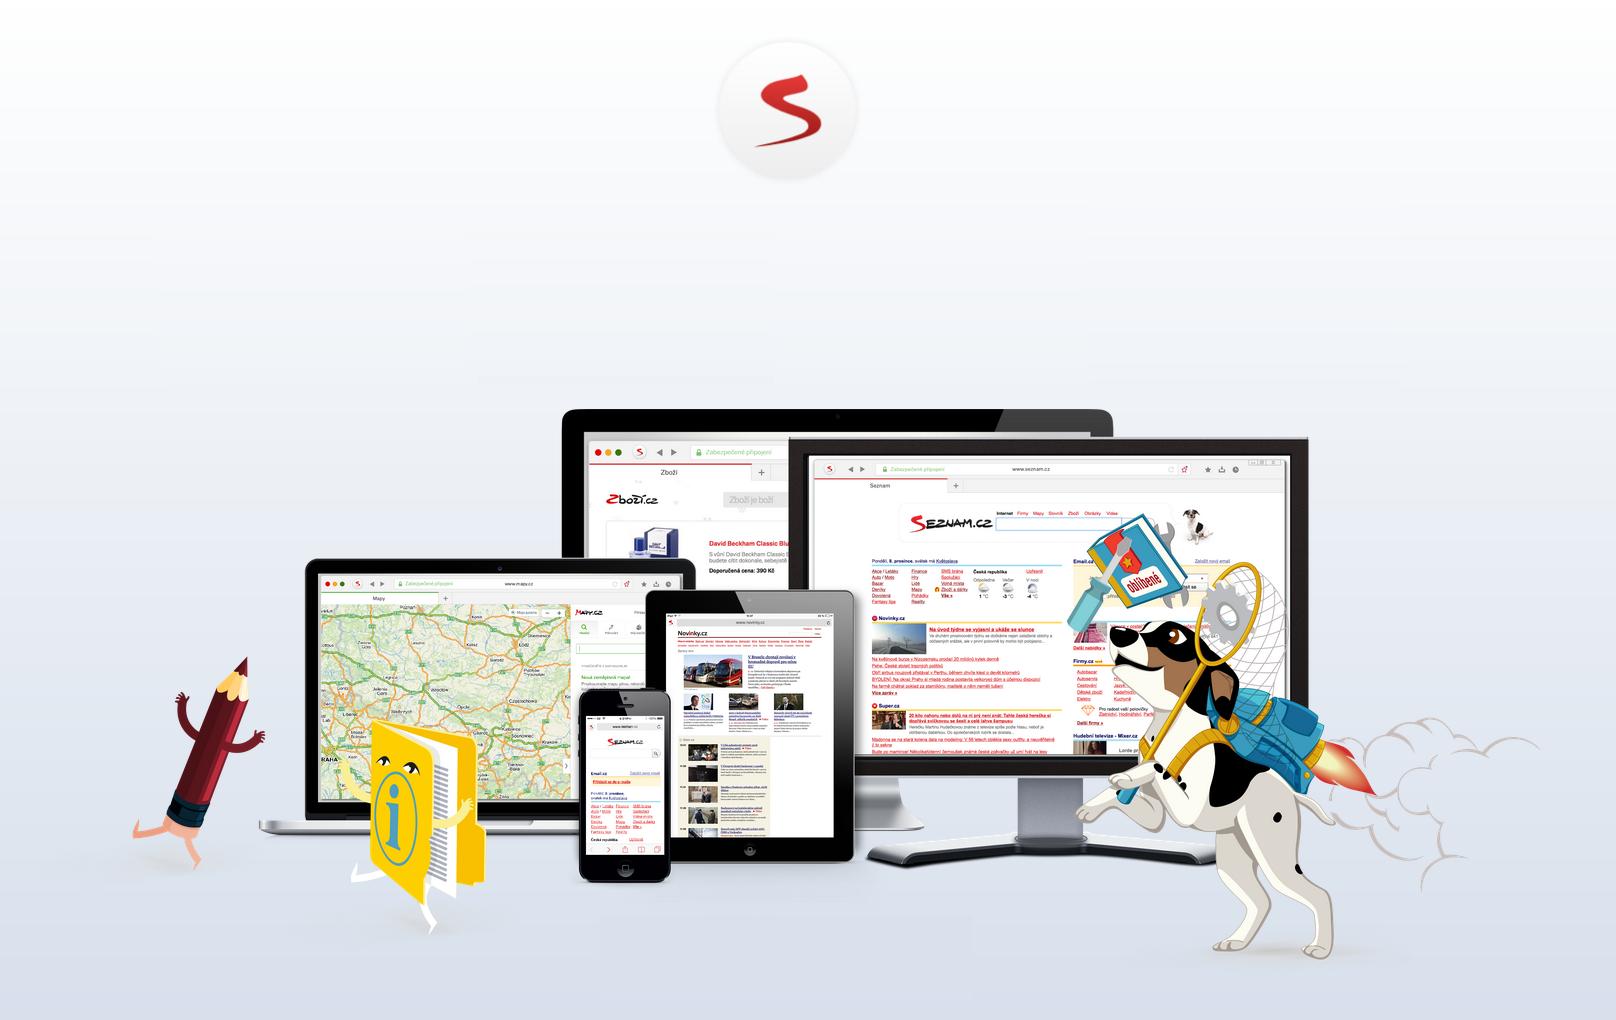 Seznam.cz aktualizuje Email pro iOS, služby jsou nyní více provázané